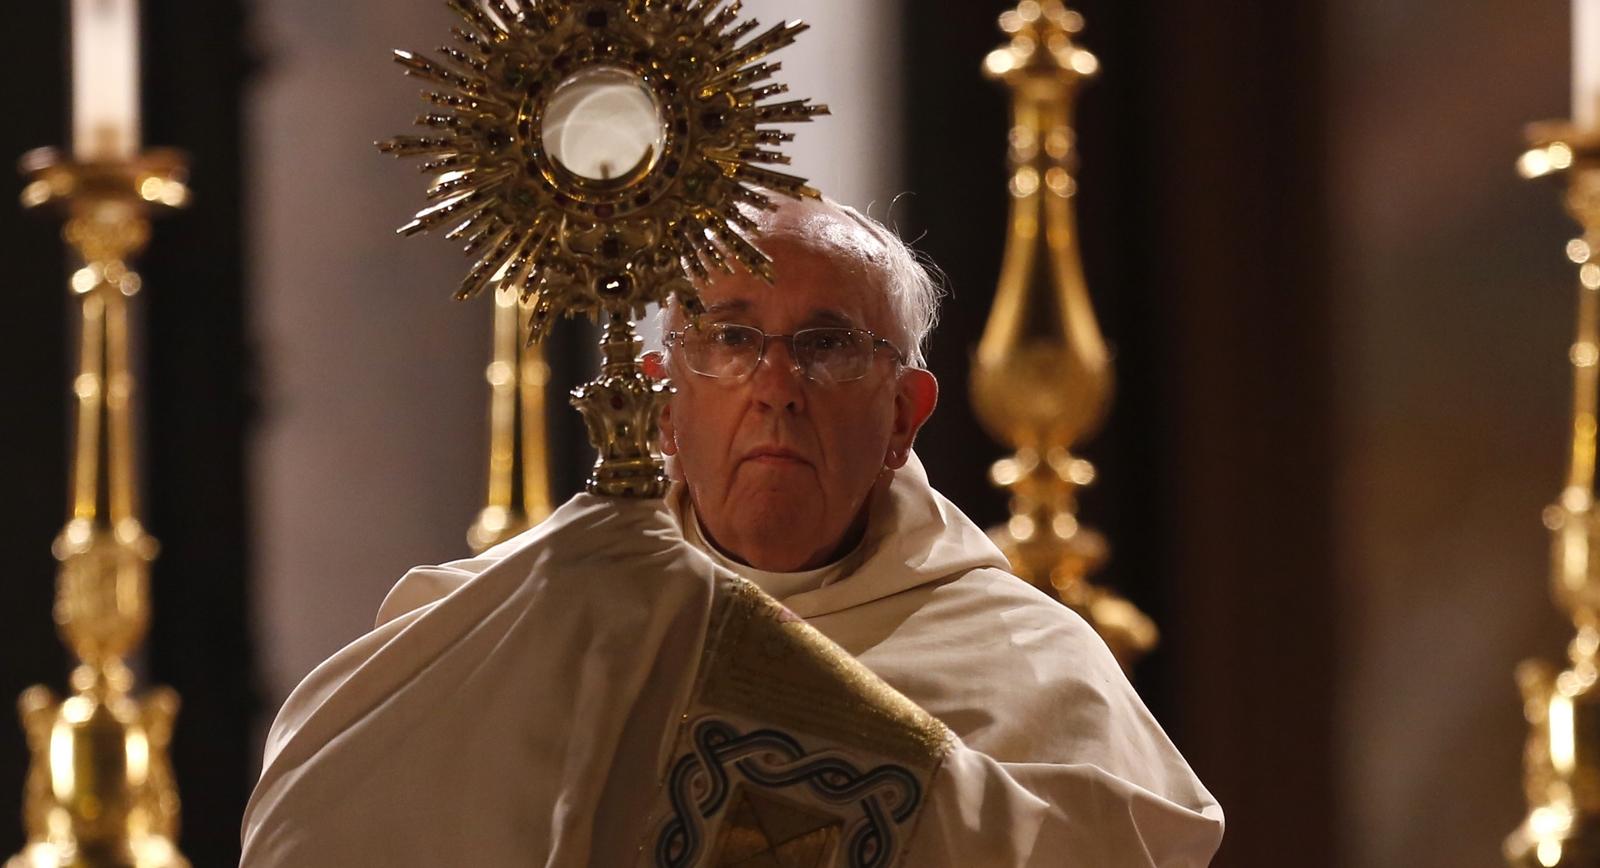 El Papa Francisco fue Protagonista de uno de los Mayores Milagros Eucarísticos de la Historia